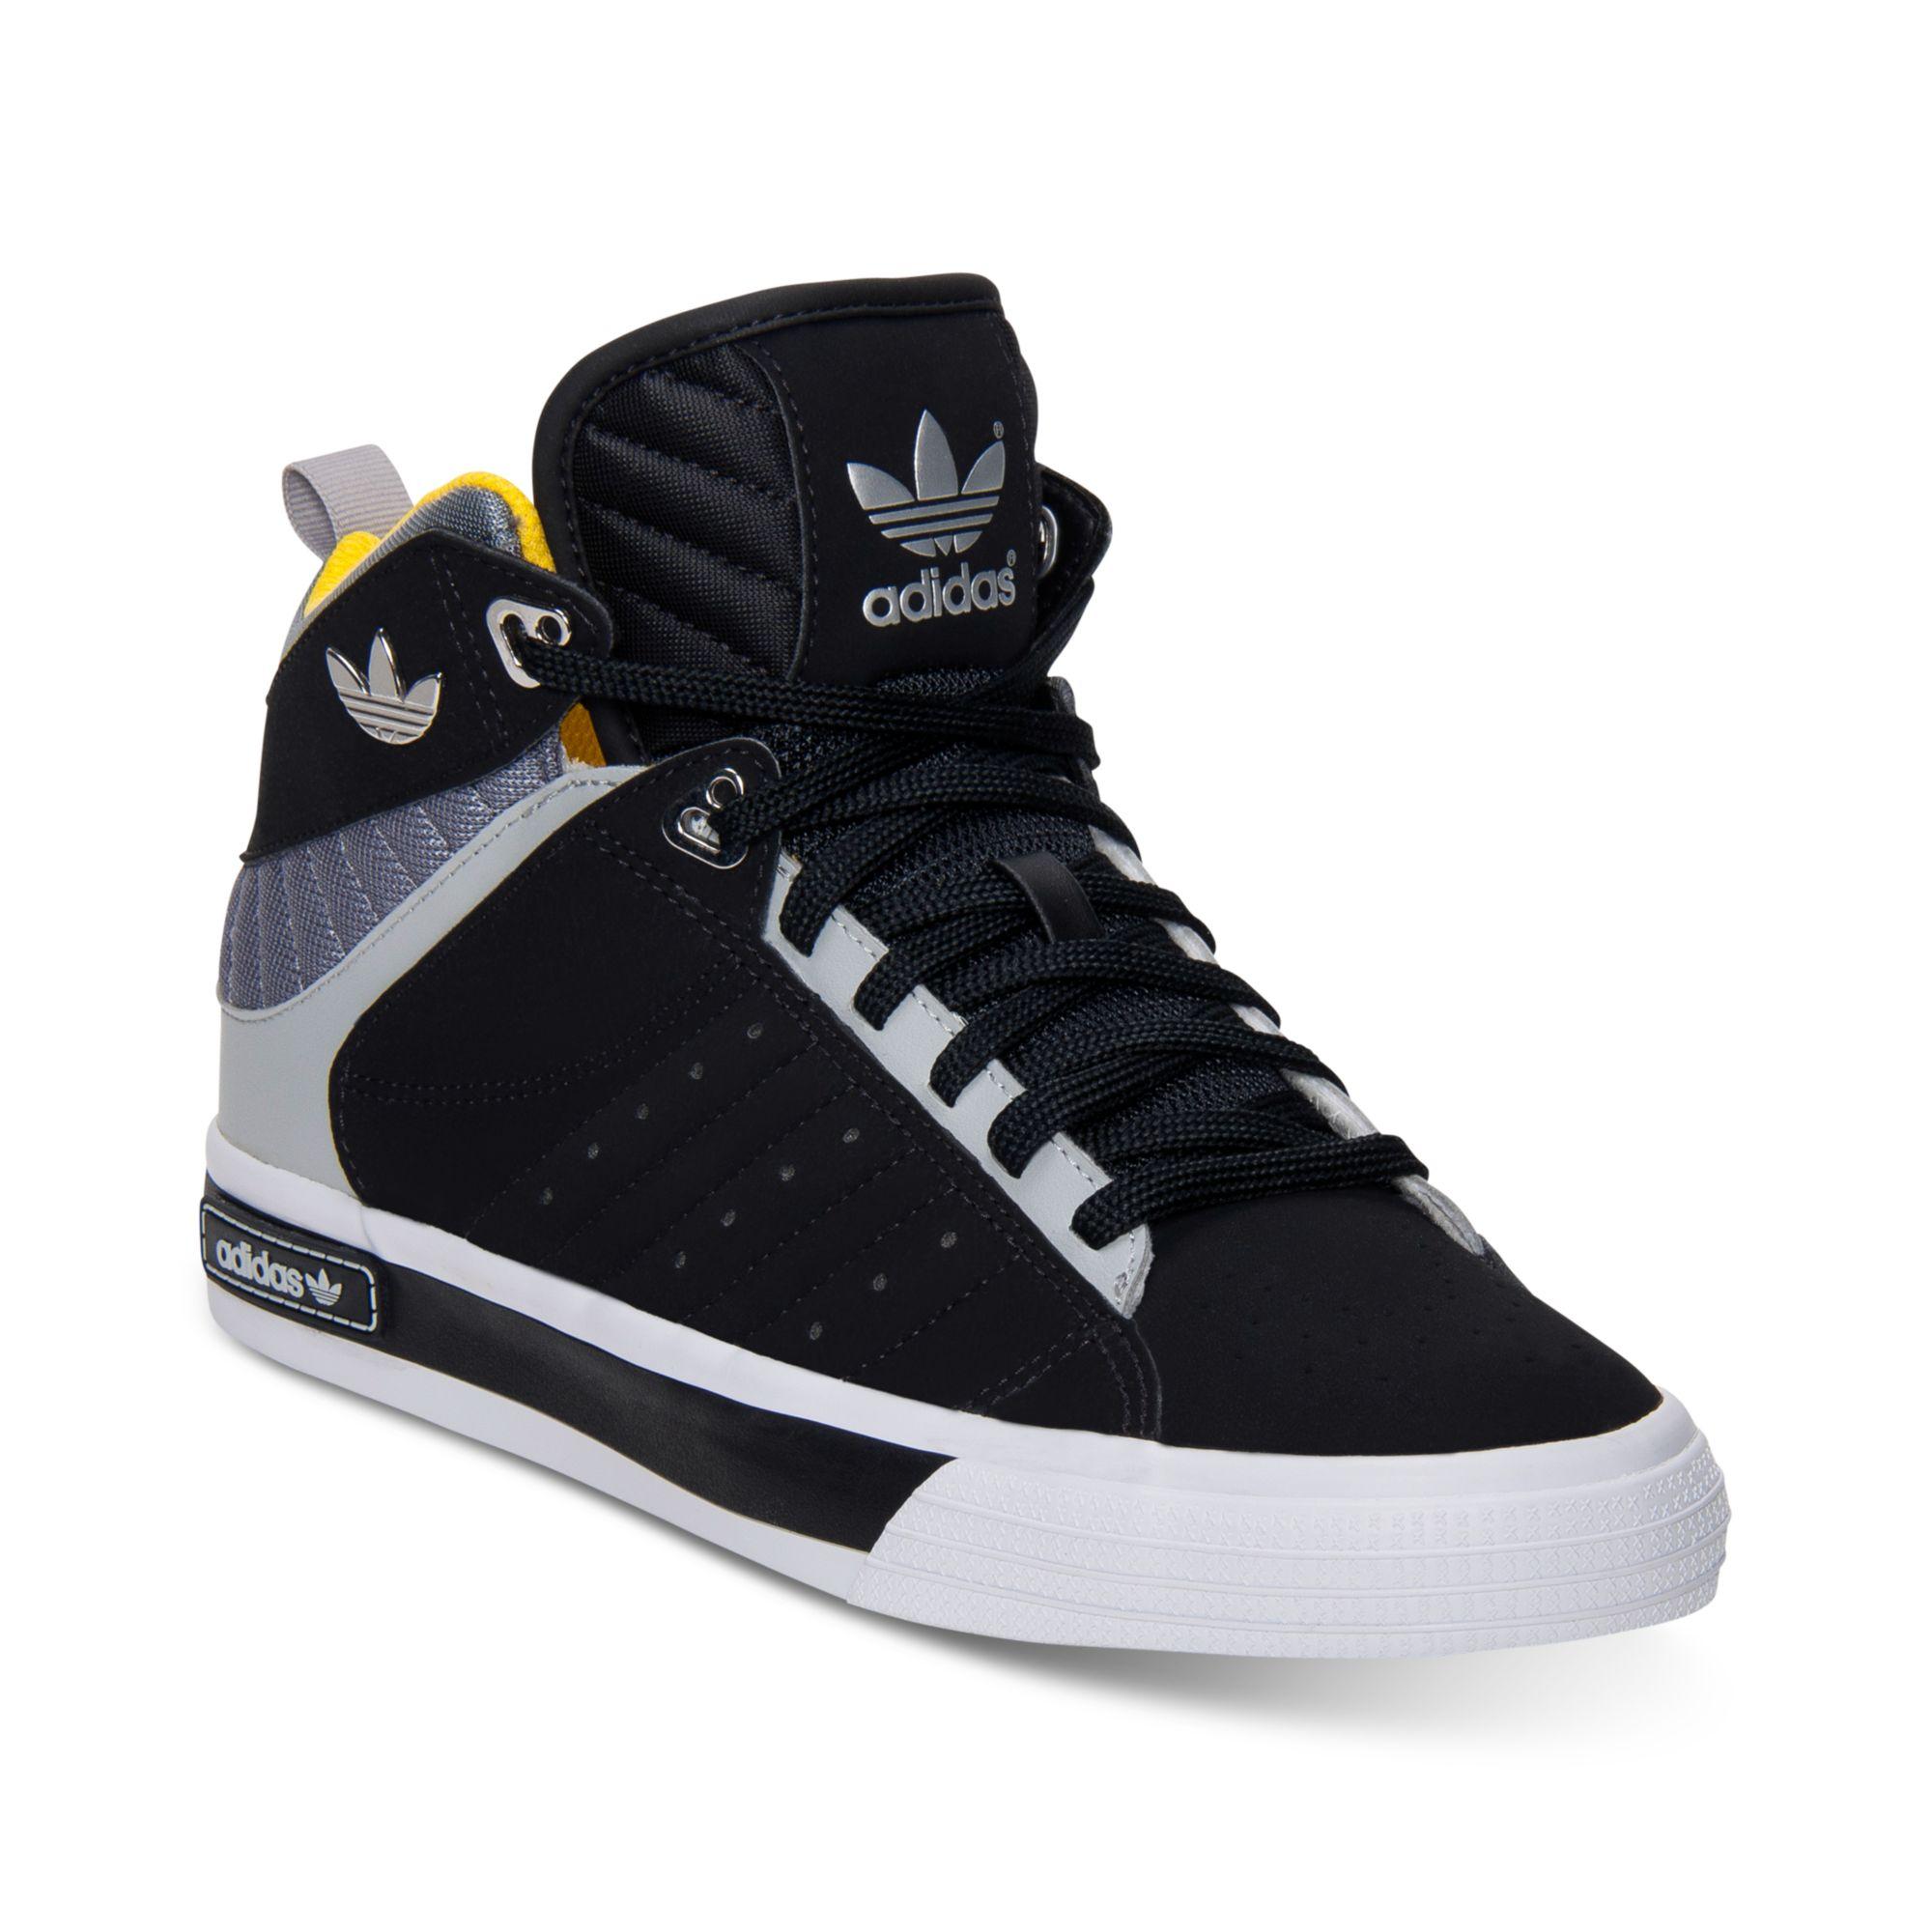 Adidas Originals Shoes Finish Line